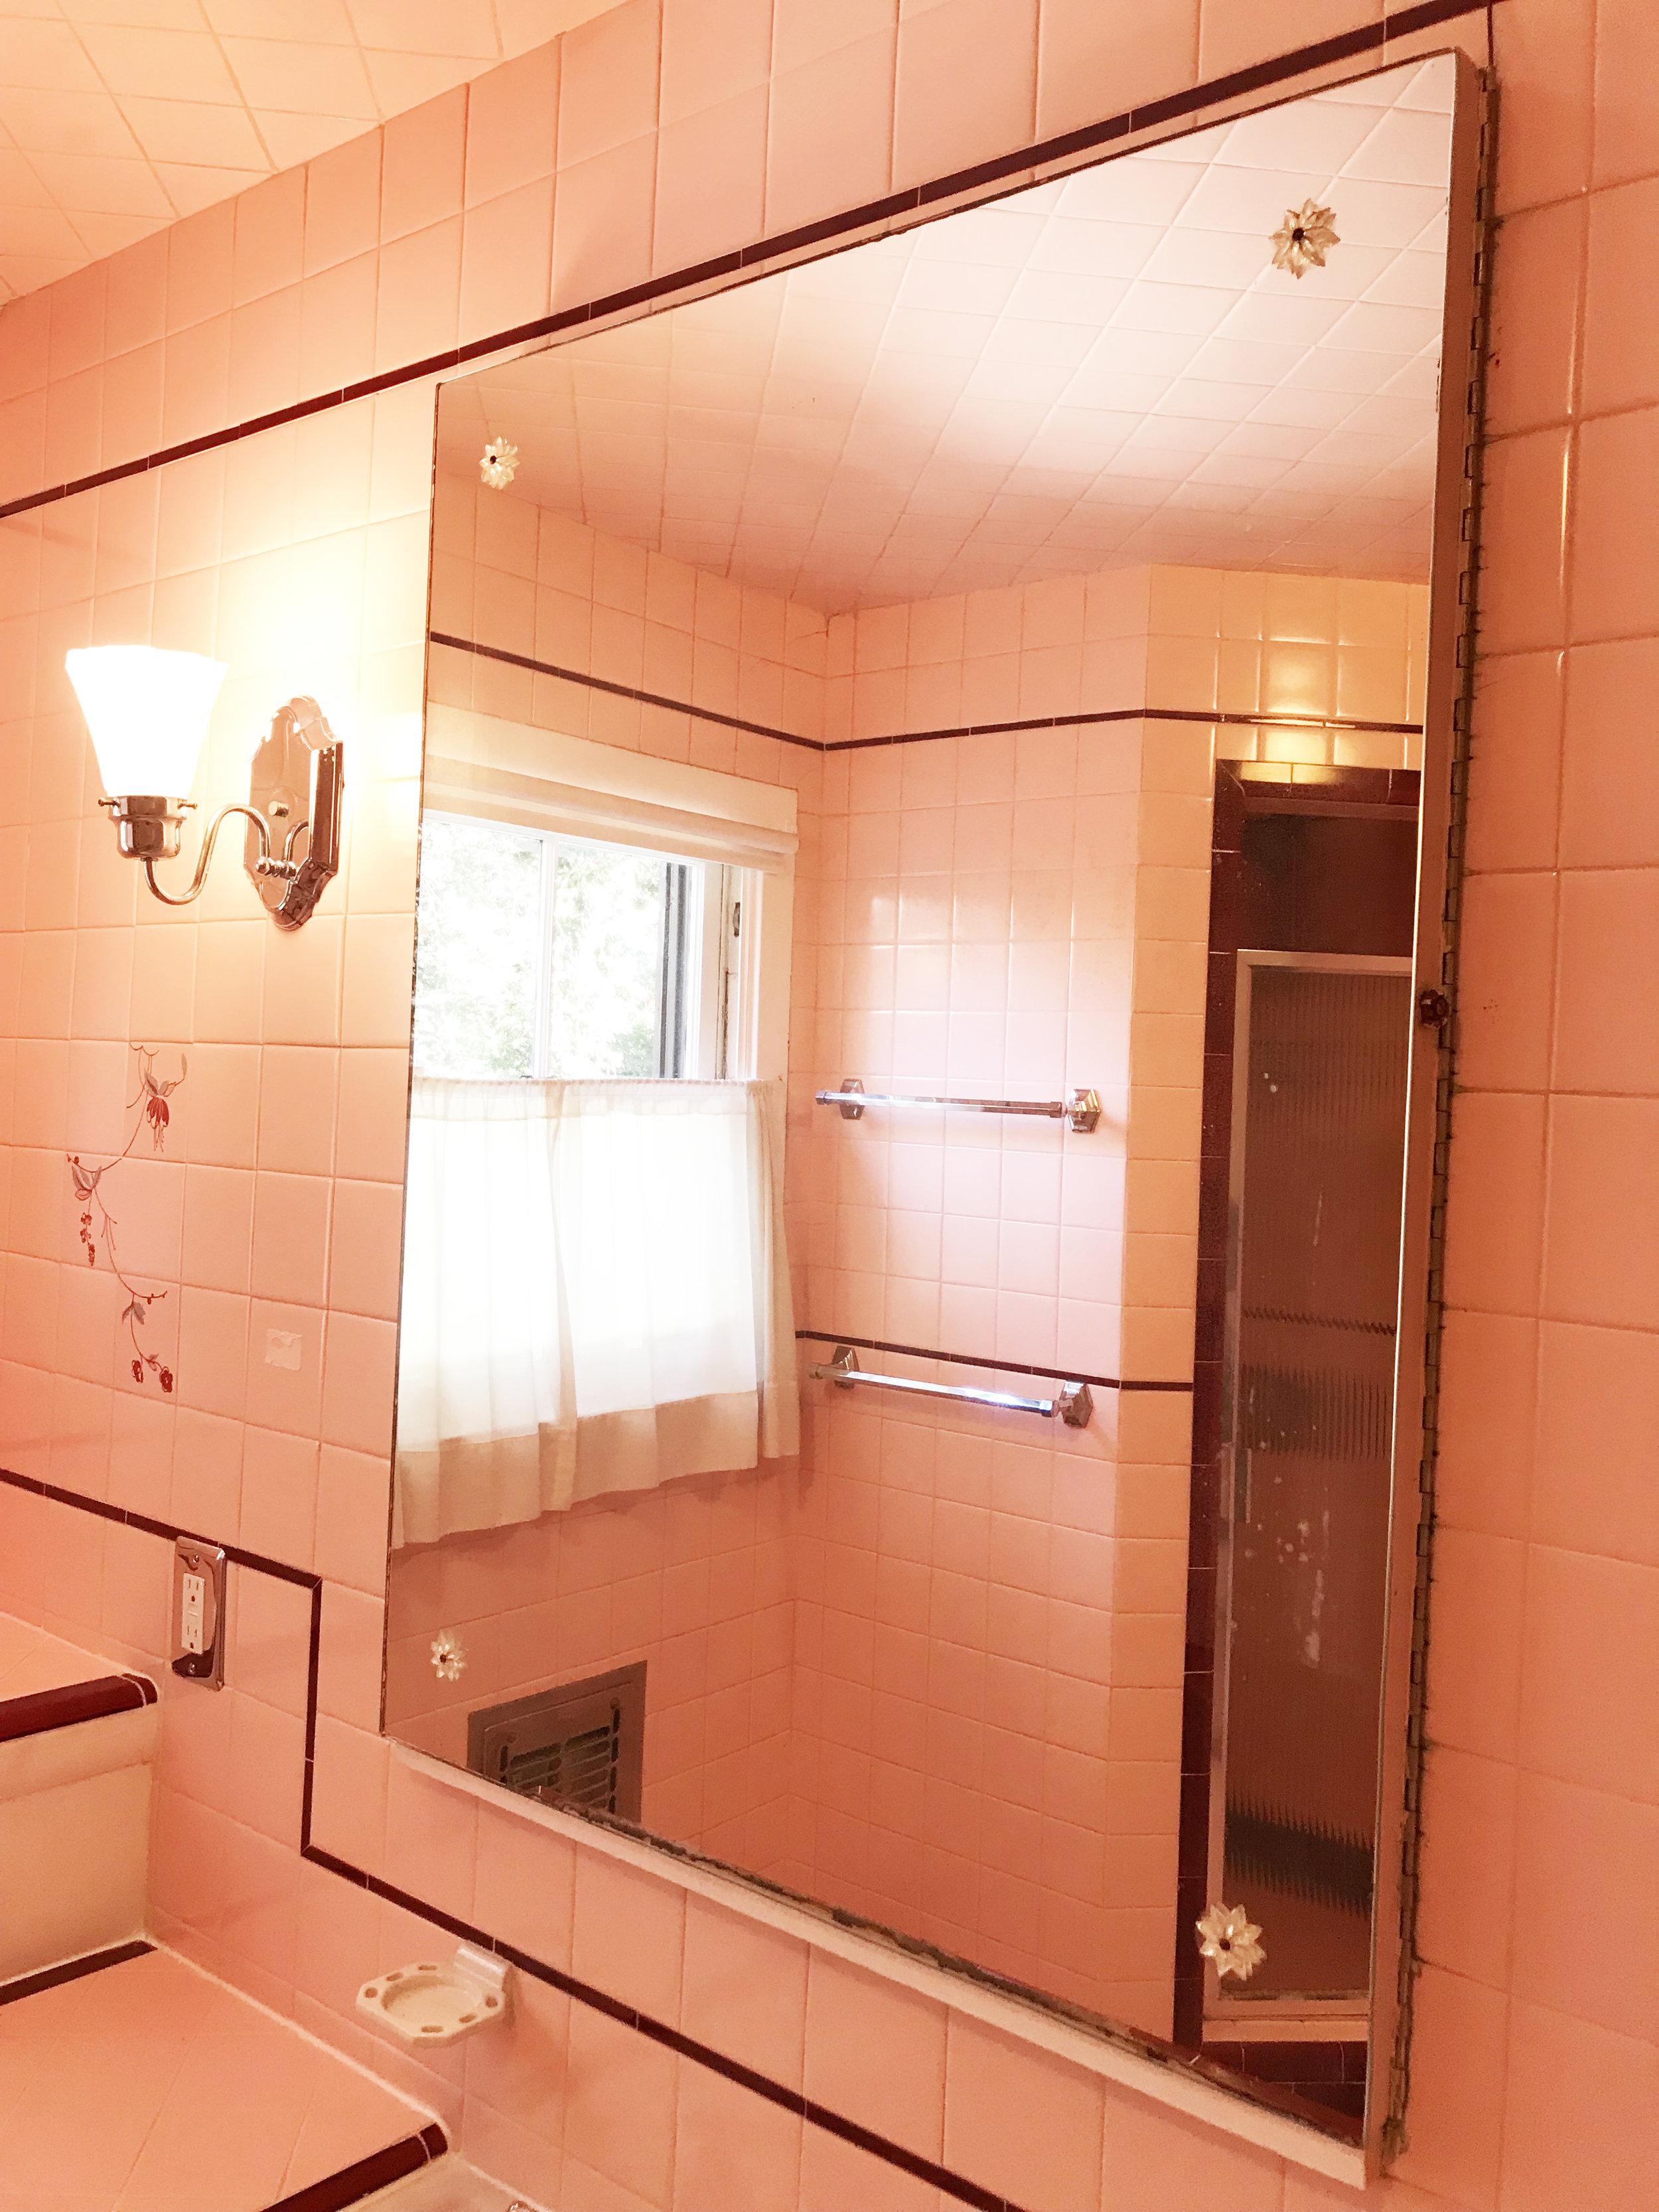 PinkTileBathroom1927-3.jpg